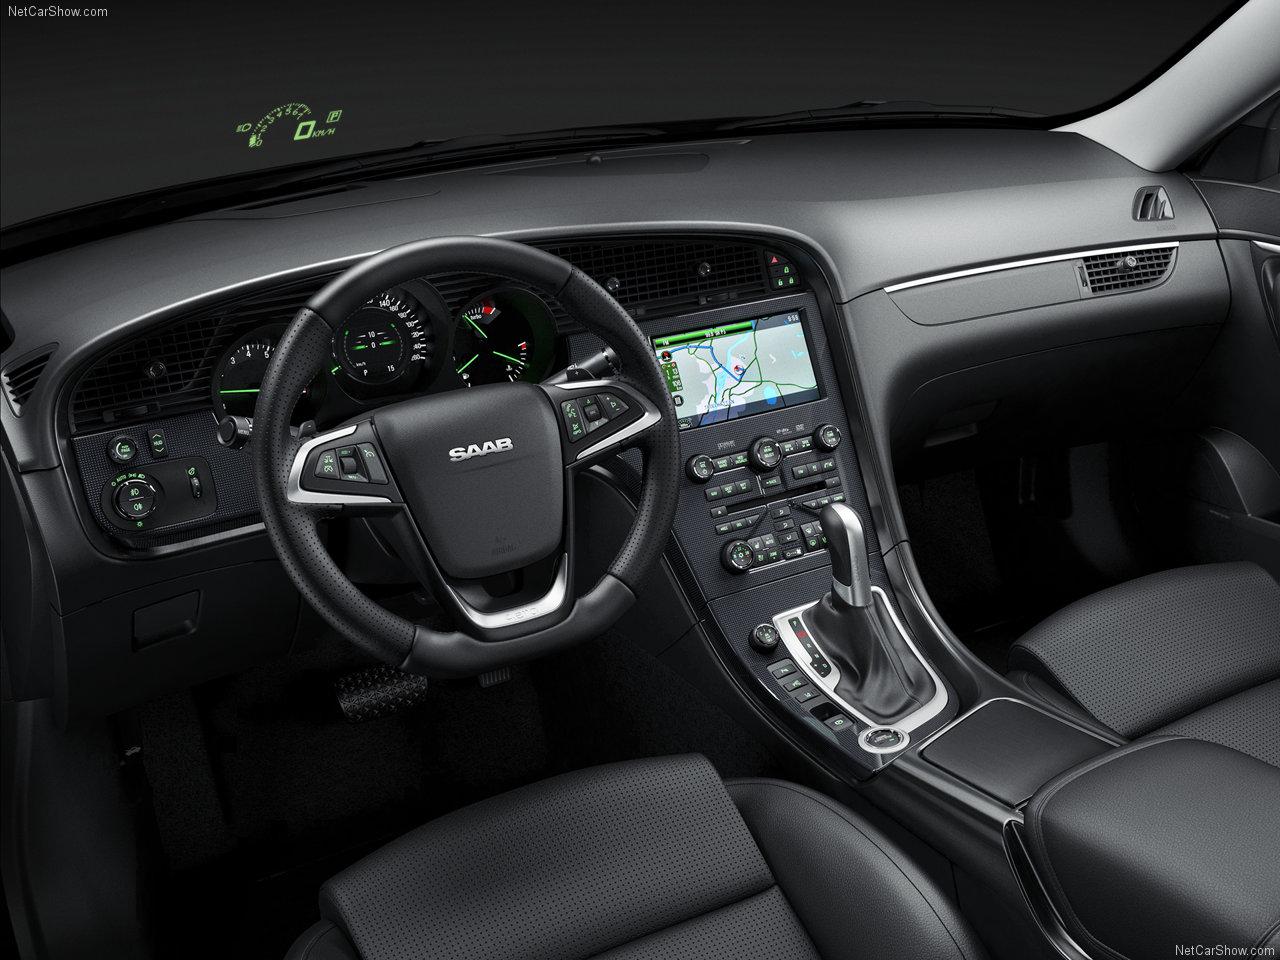 saab-9-5_sedan-2010-1280-3e.jpg